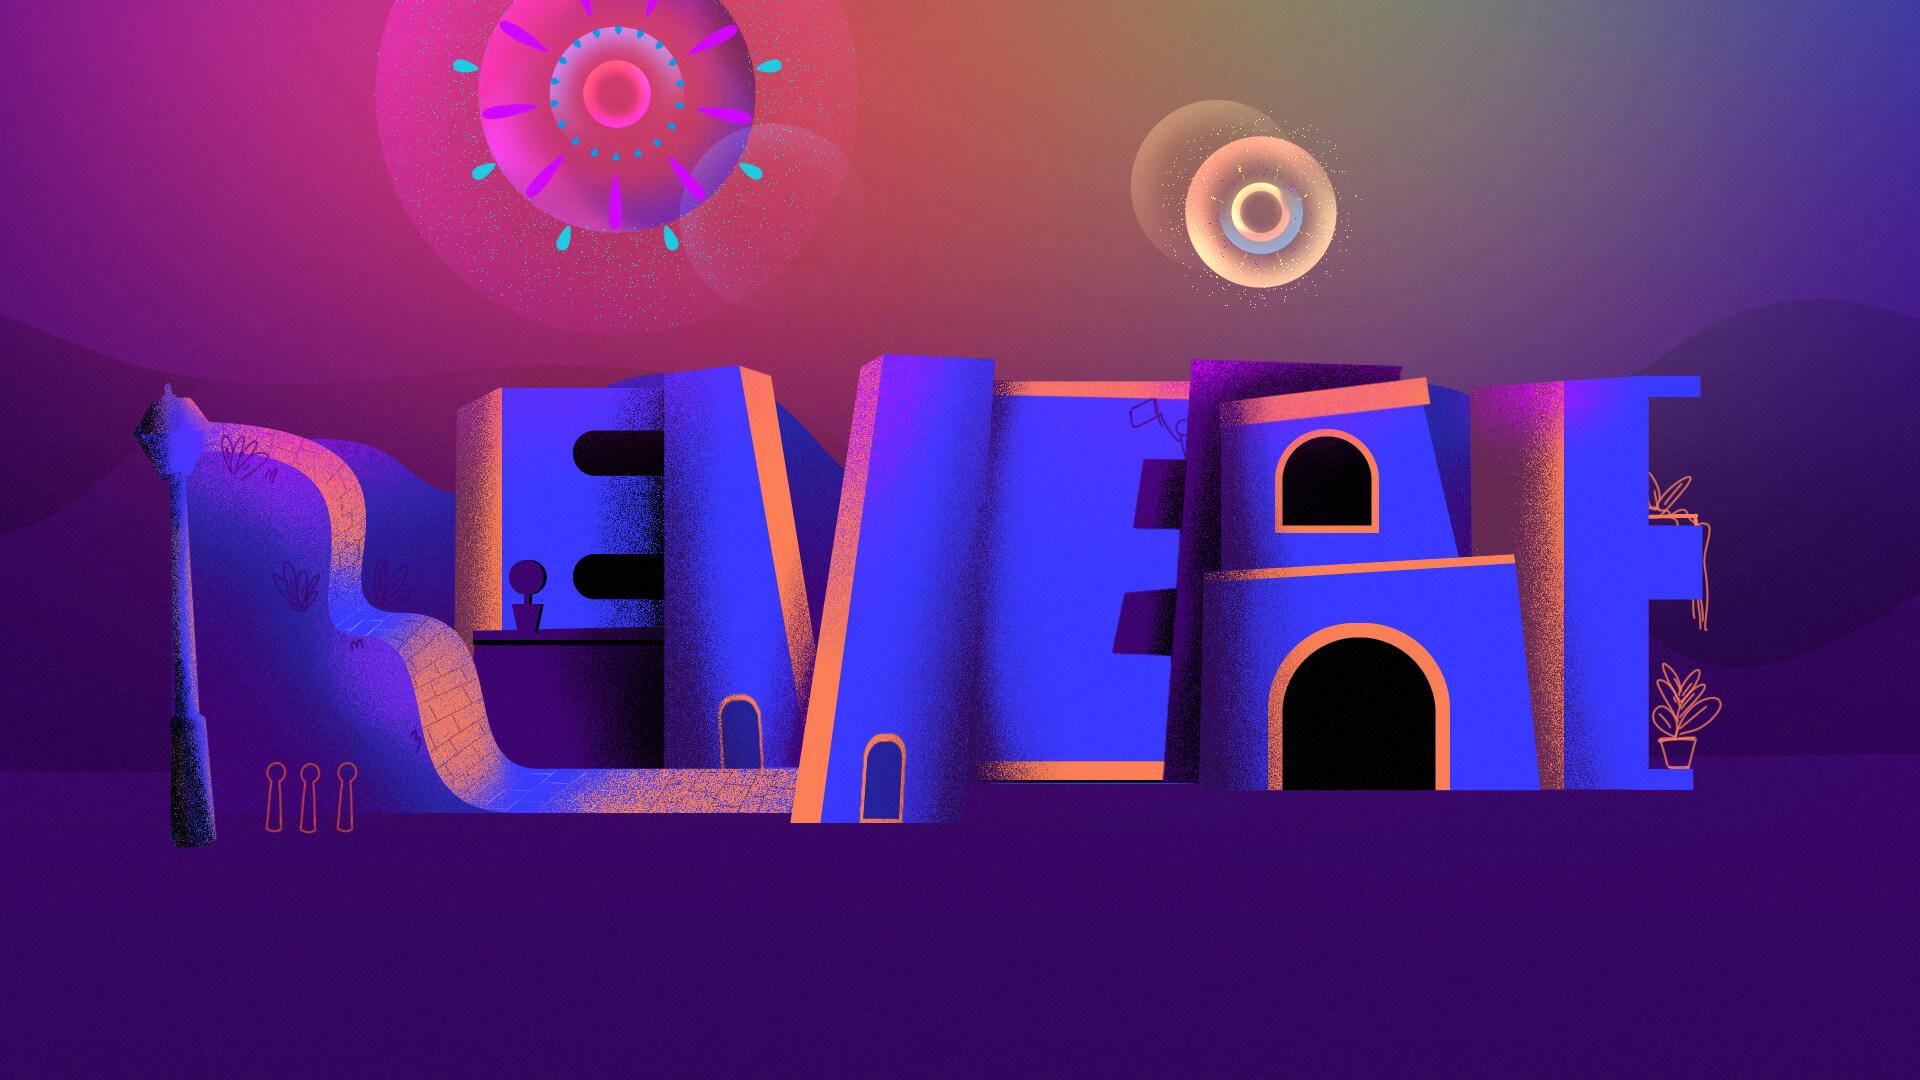 styleframe_sh020_revere_v01d-0-00-00-00